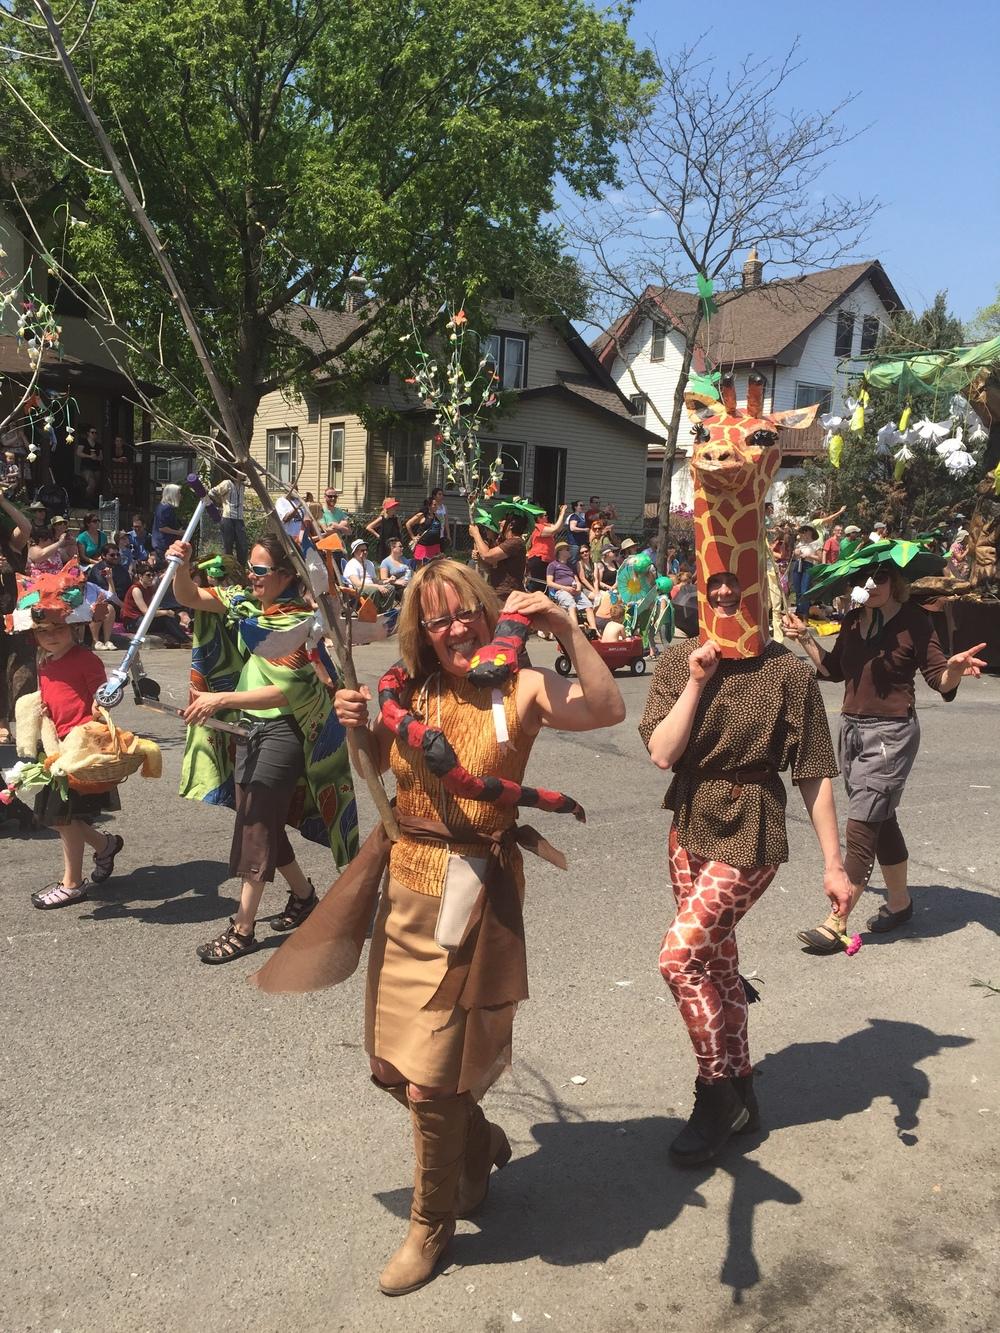 MayDay Parade Miinneapolis